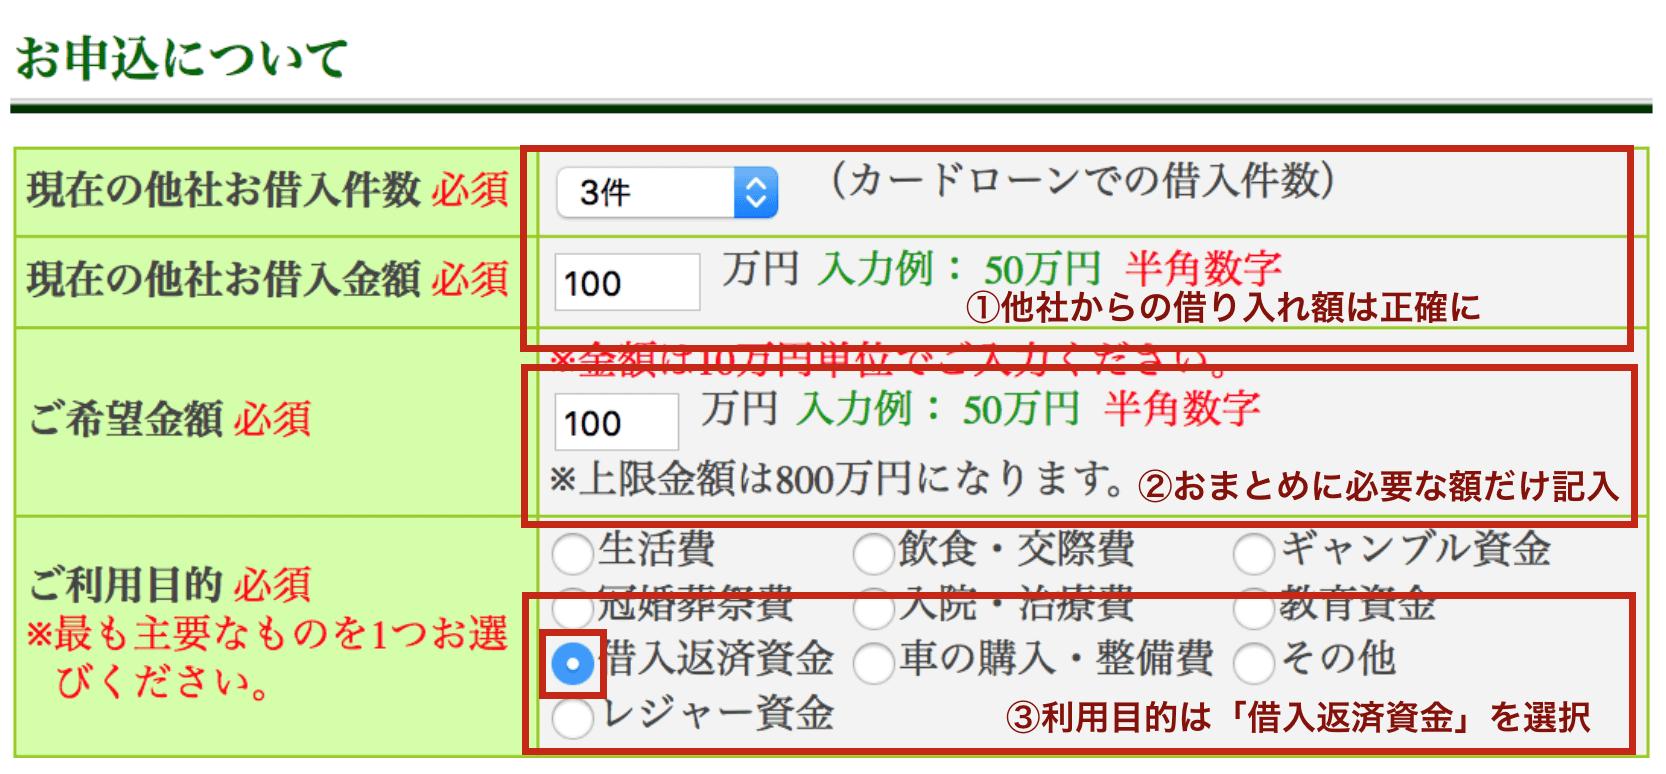 三井住友銀行カードローン「お申し込みについて」